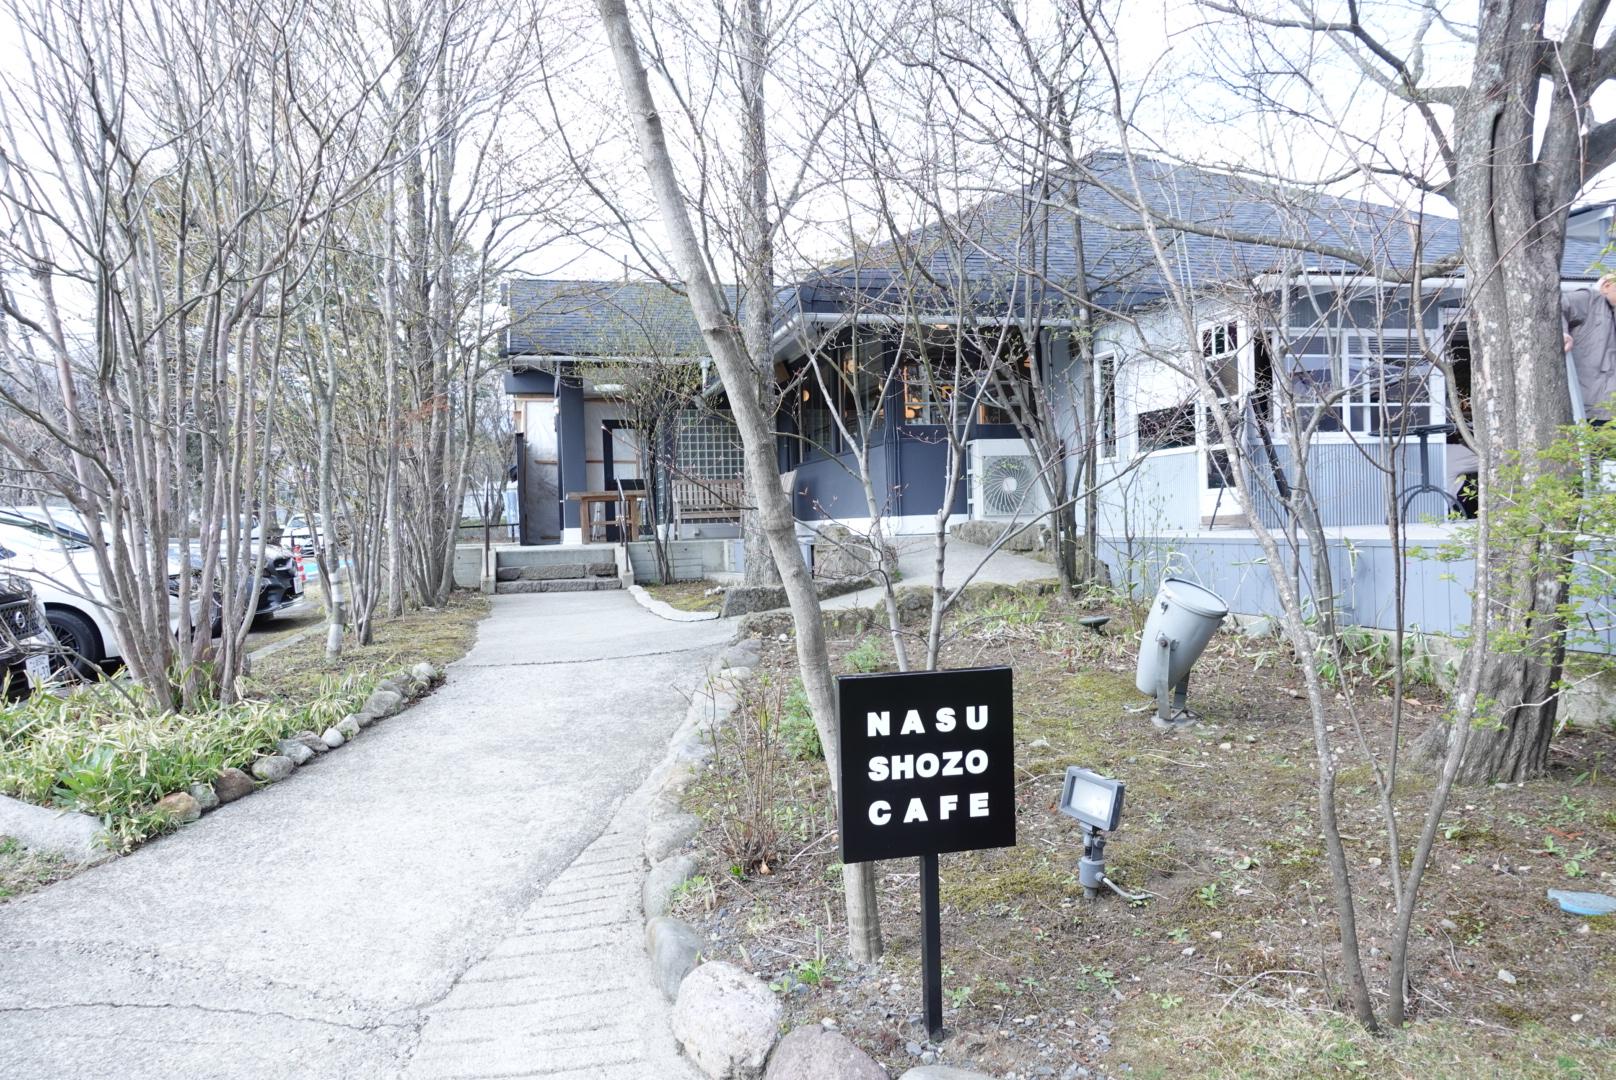 【栃木】那須にある愛犬も連れていける開放感のあるカフェ!「NASU SHOZO CAFE」コーヒーやスコーンが絶品★_1